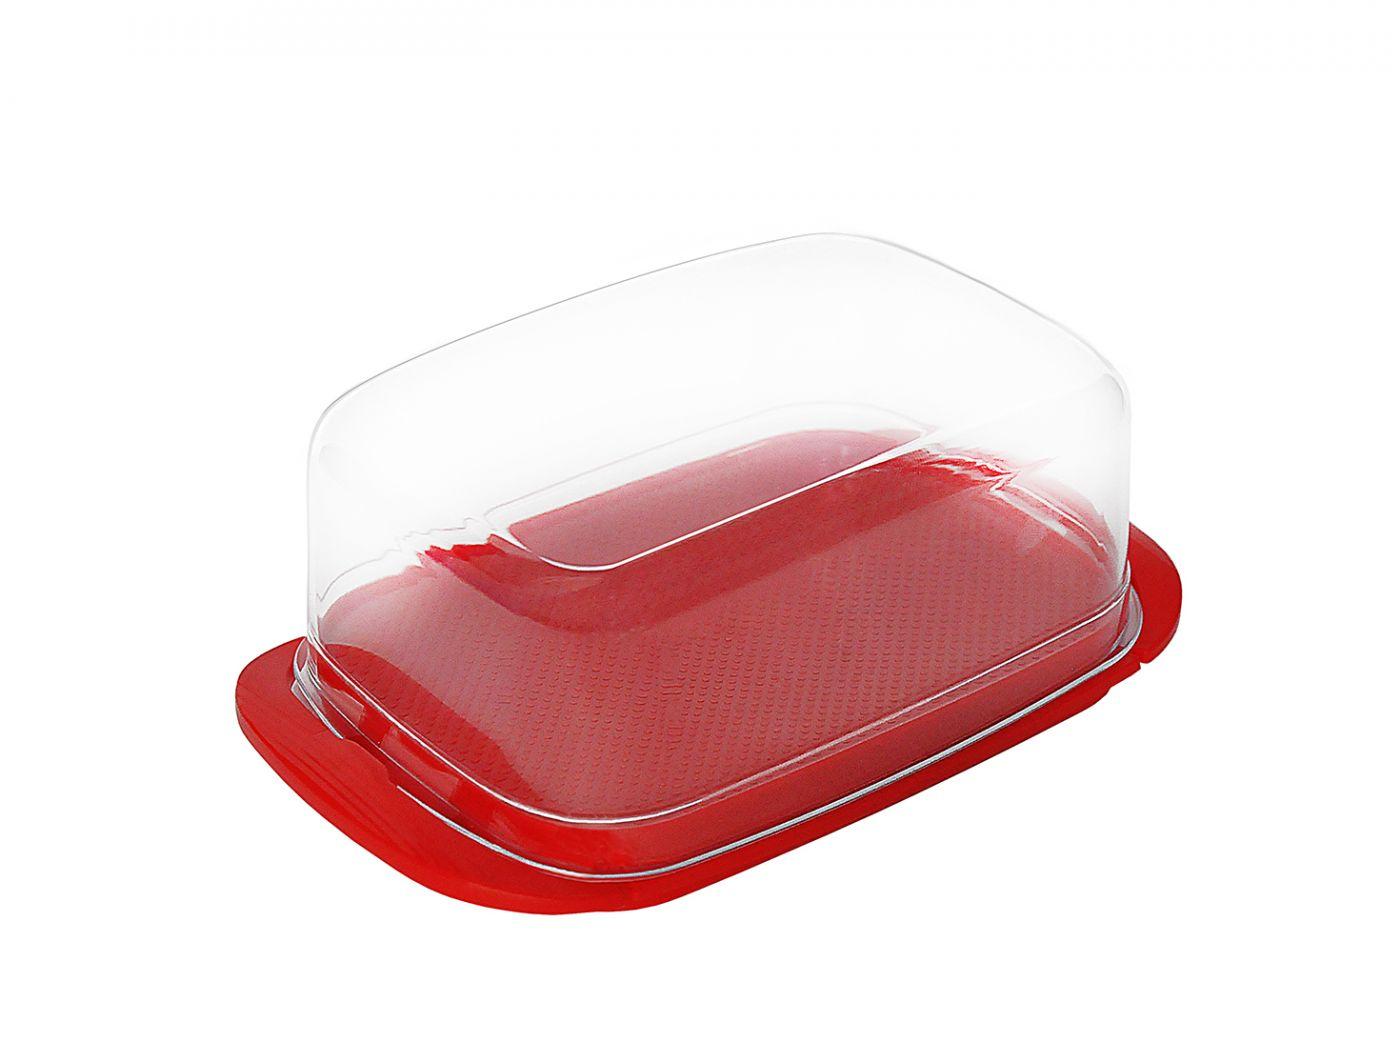 Масленка красная Эльфпласт 18х10,5х7,1 см